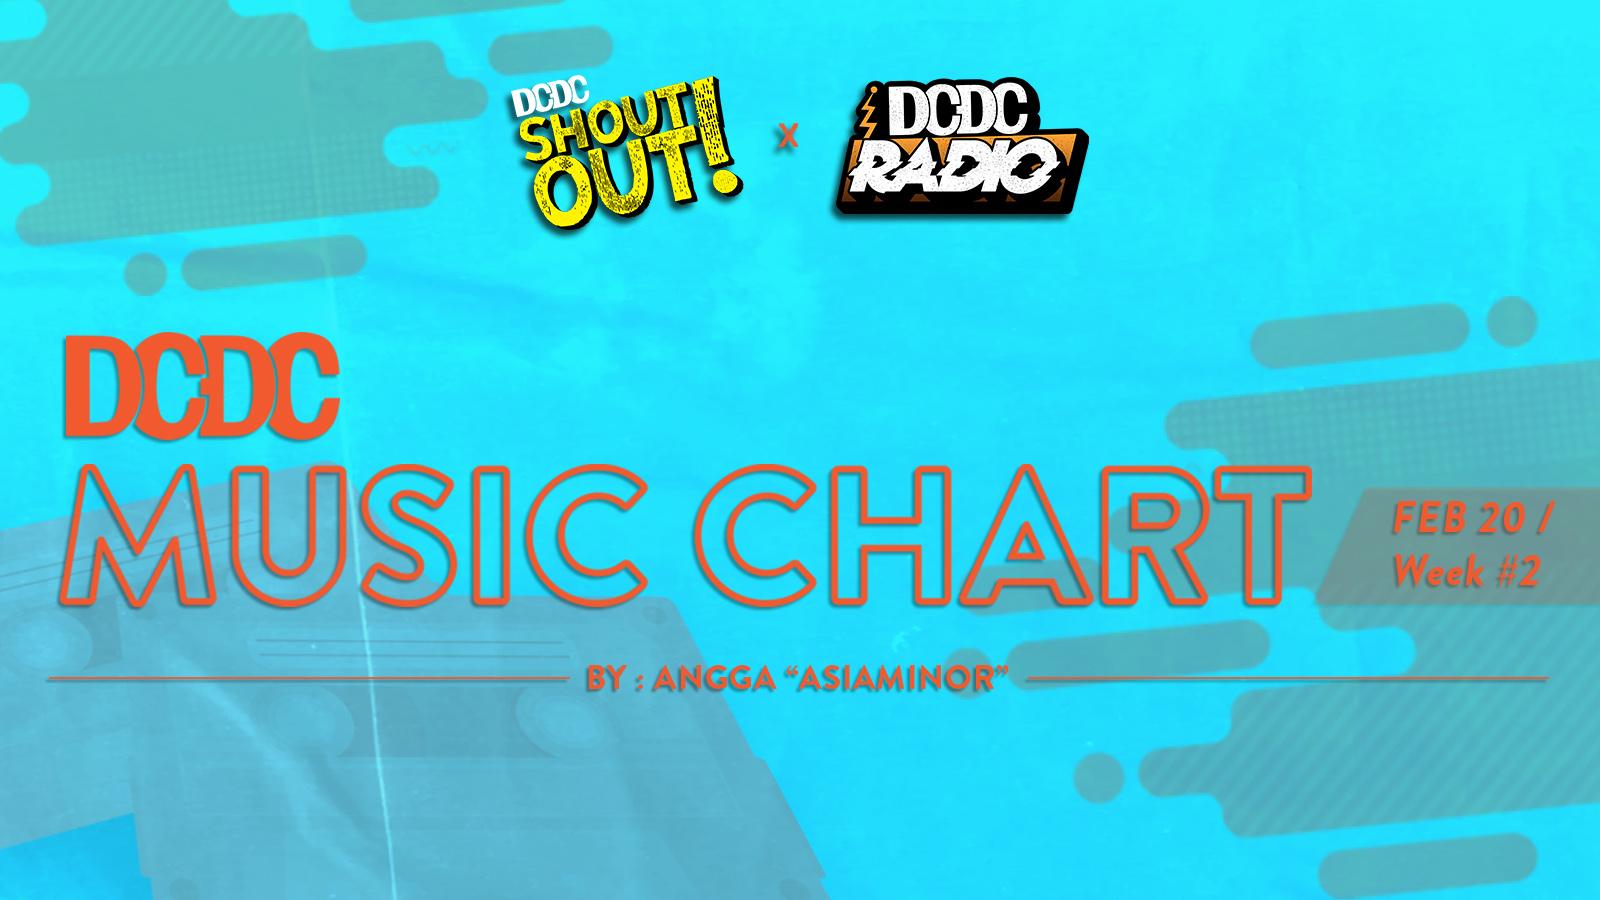 DCDC Music Chart - #2nd Week of Februari 2020